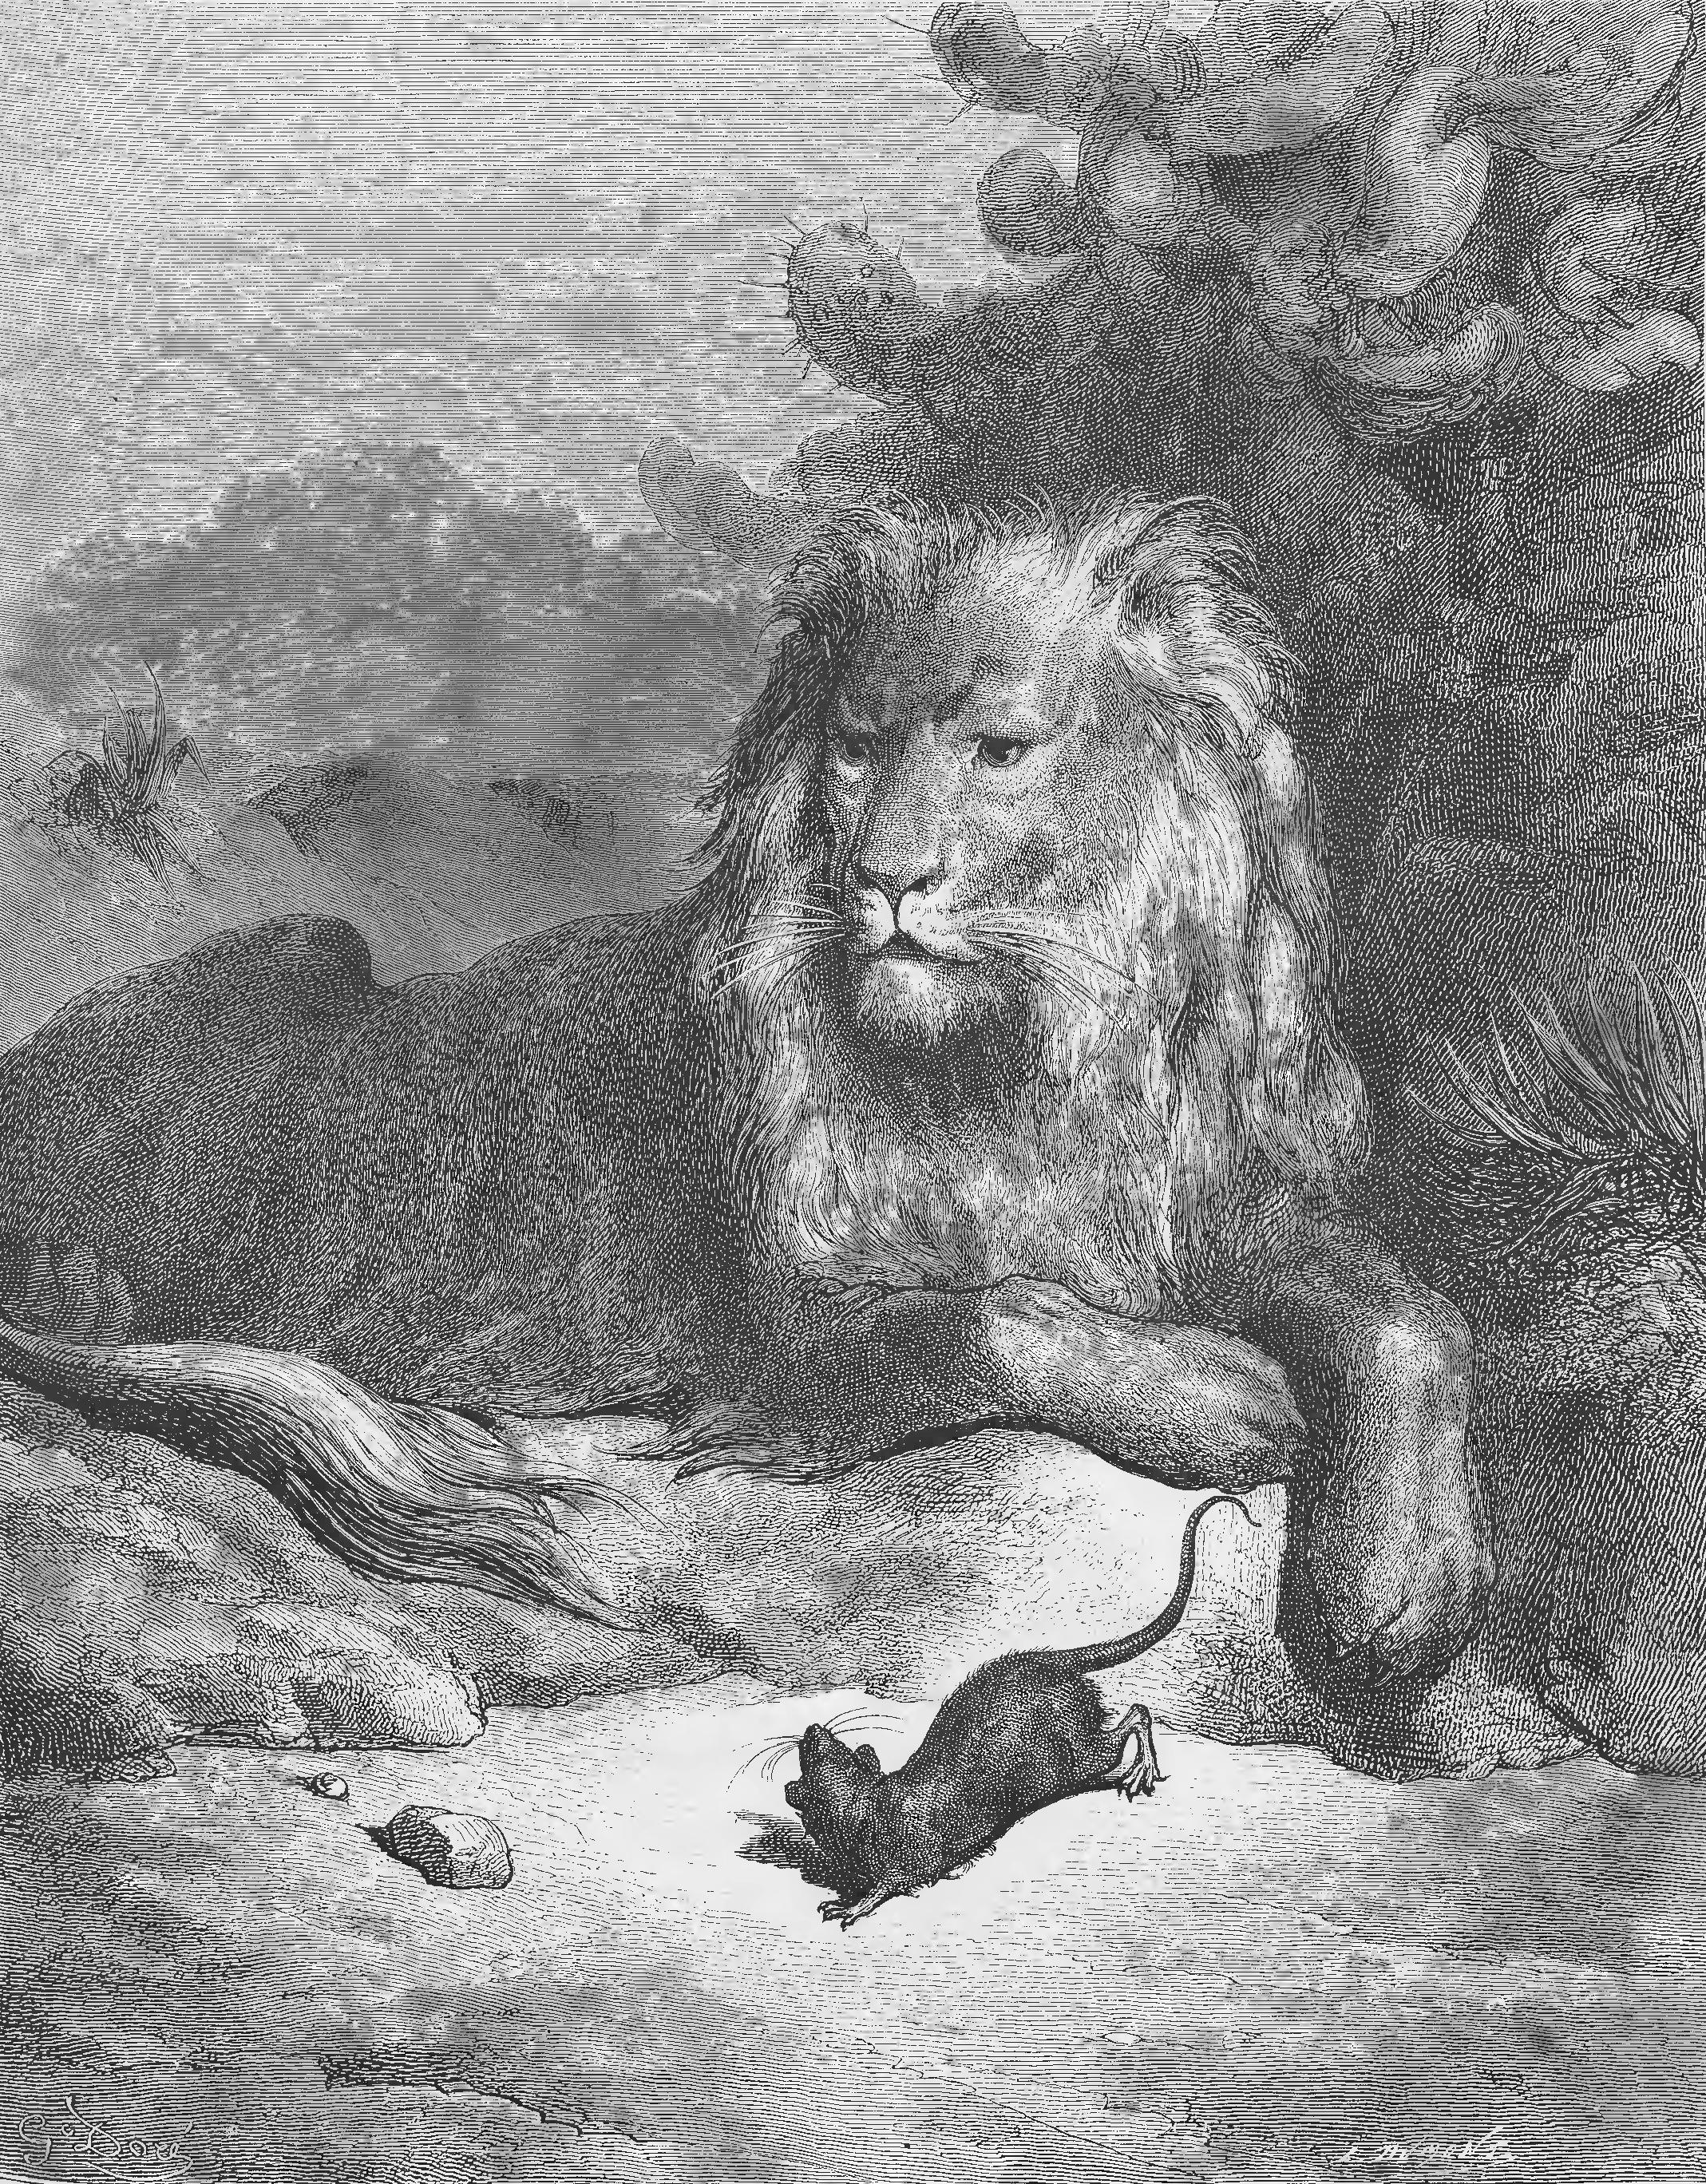 Le lion et le rat - Image le lion et le rat ...